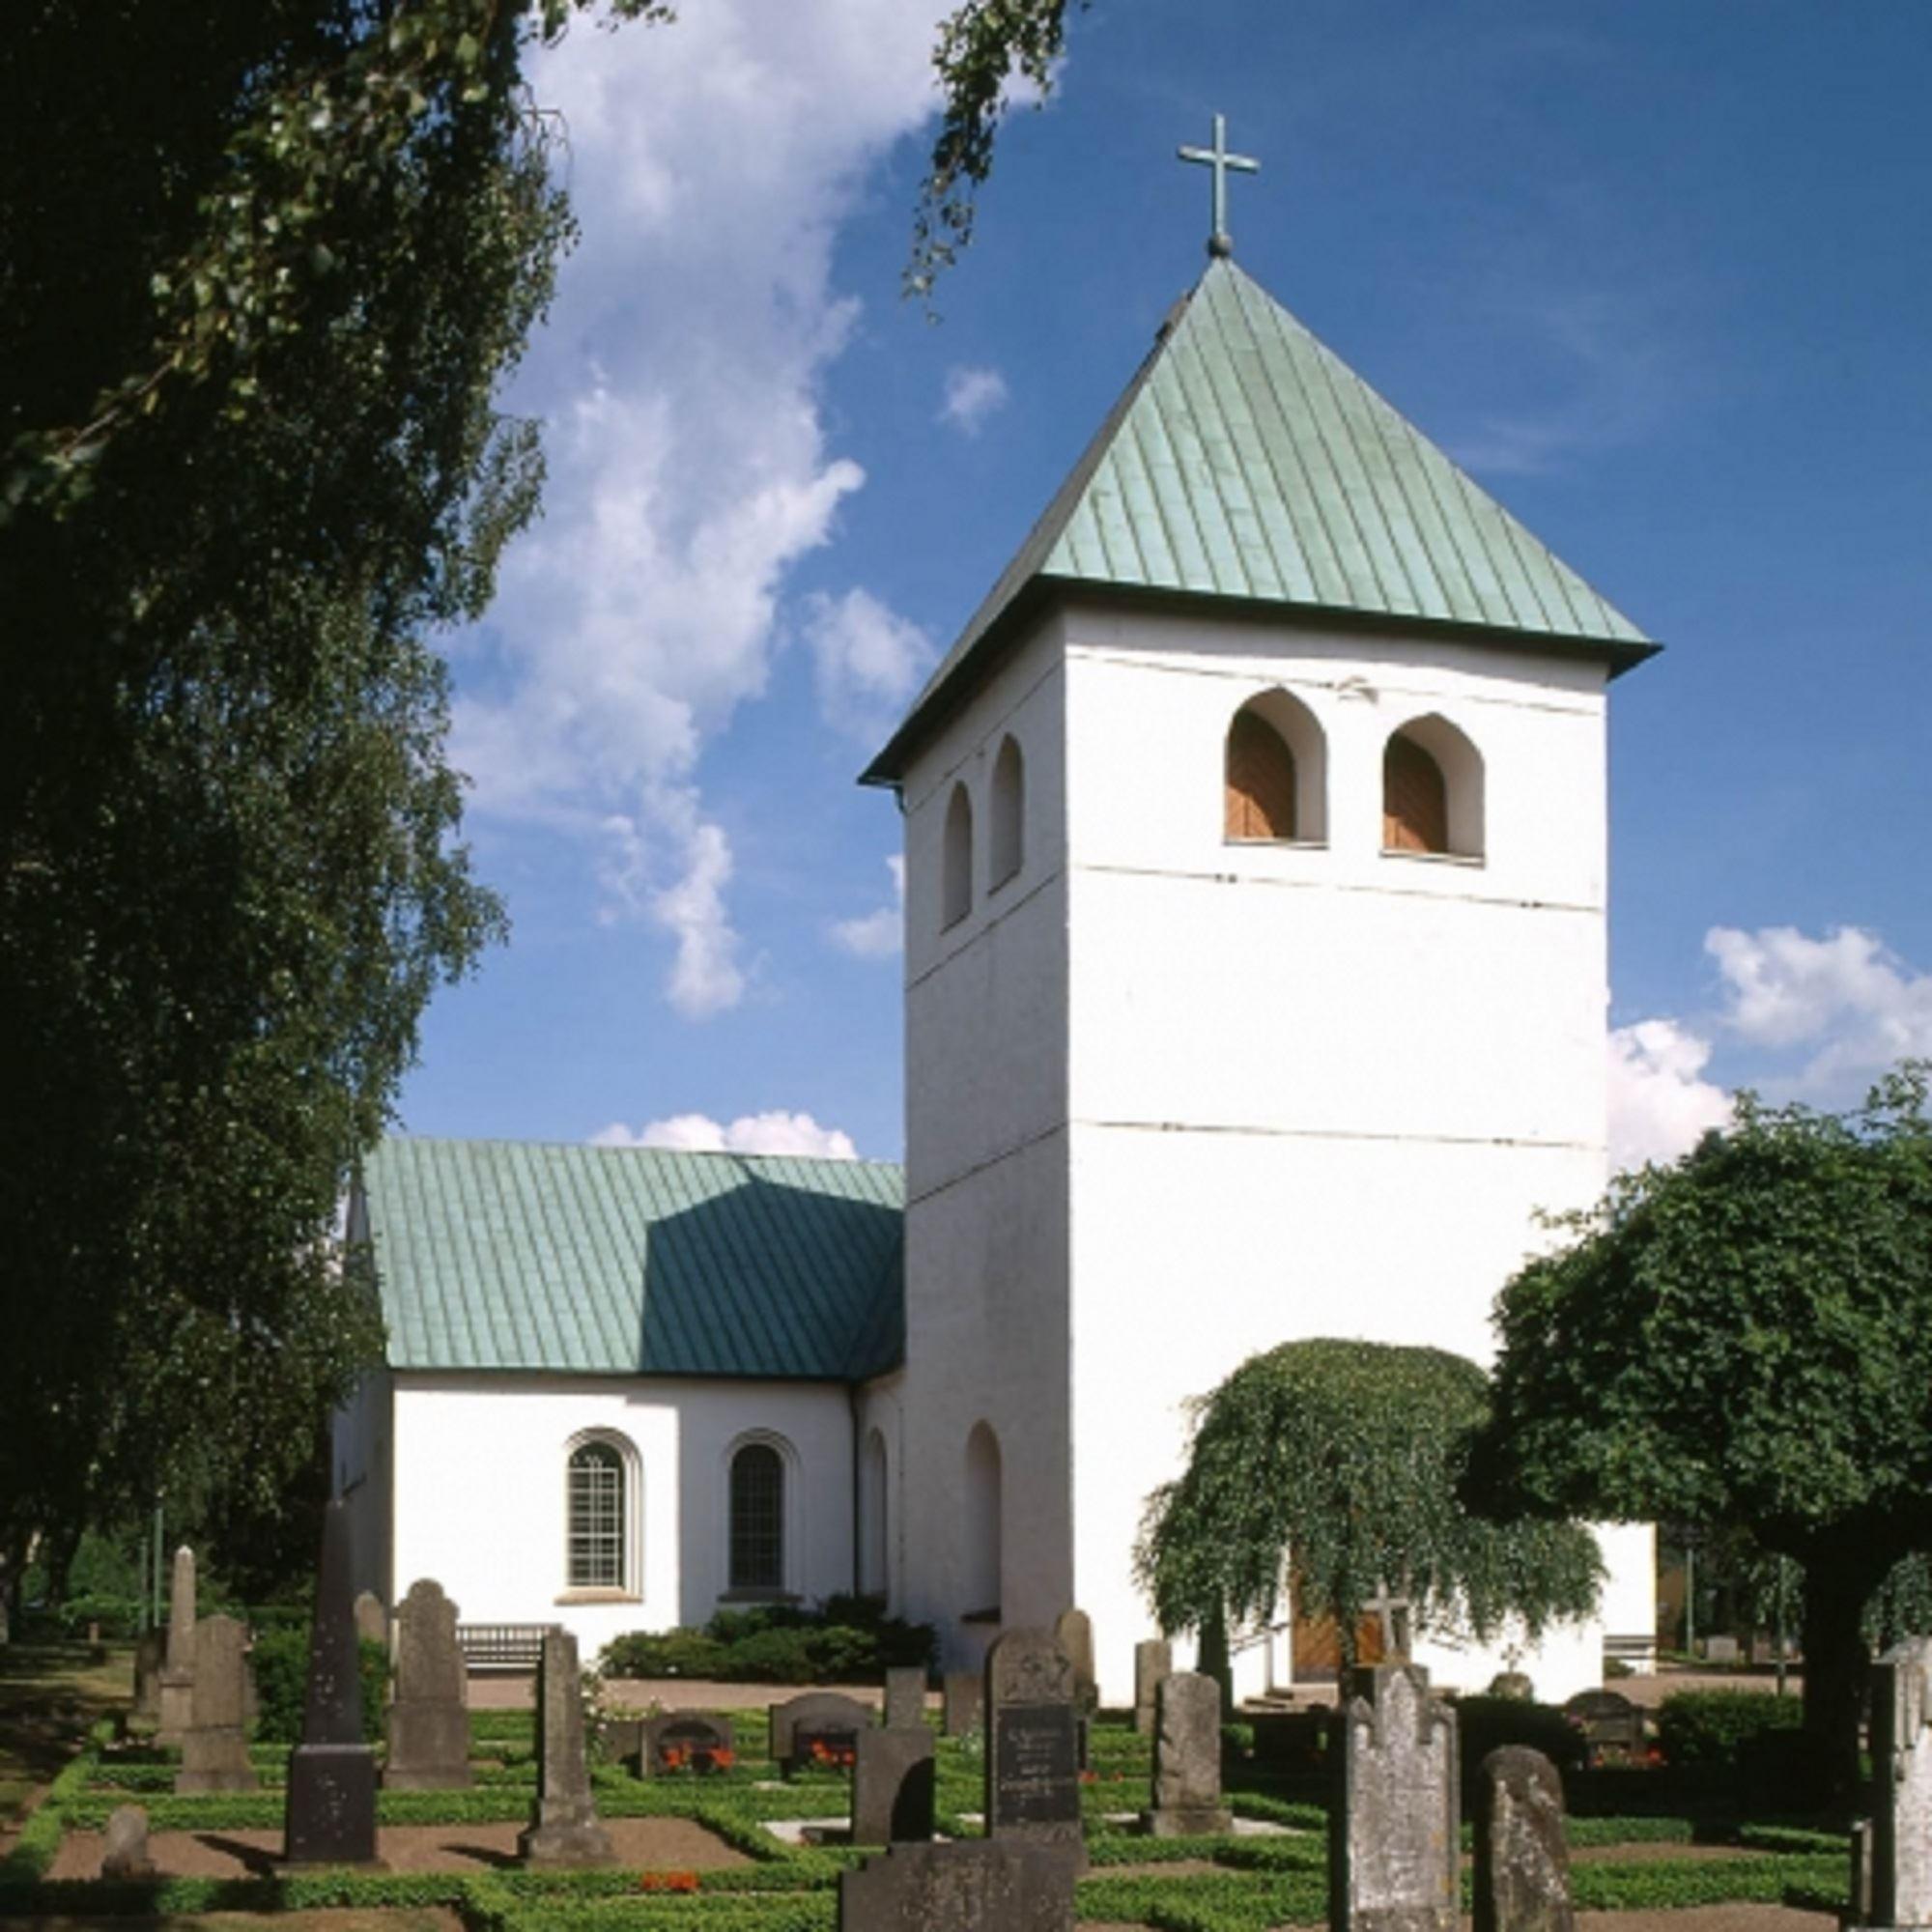 Munka Ljungby kyrka